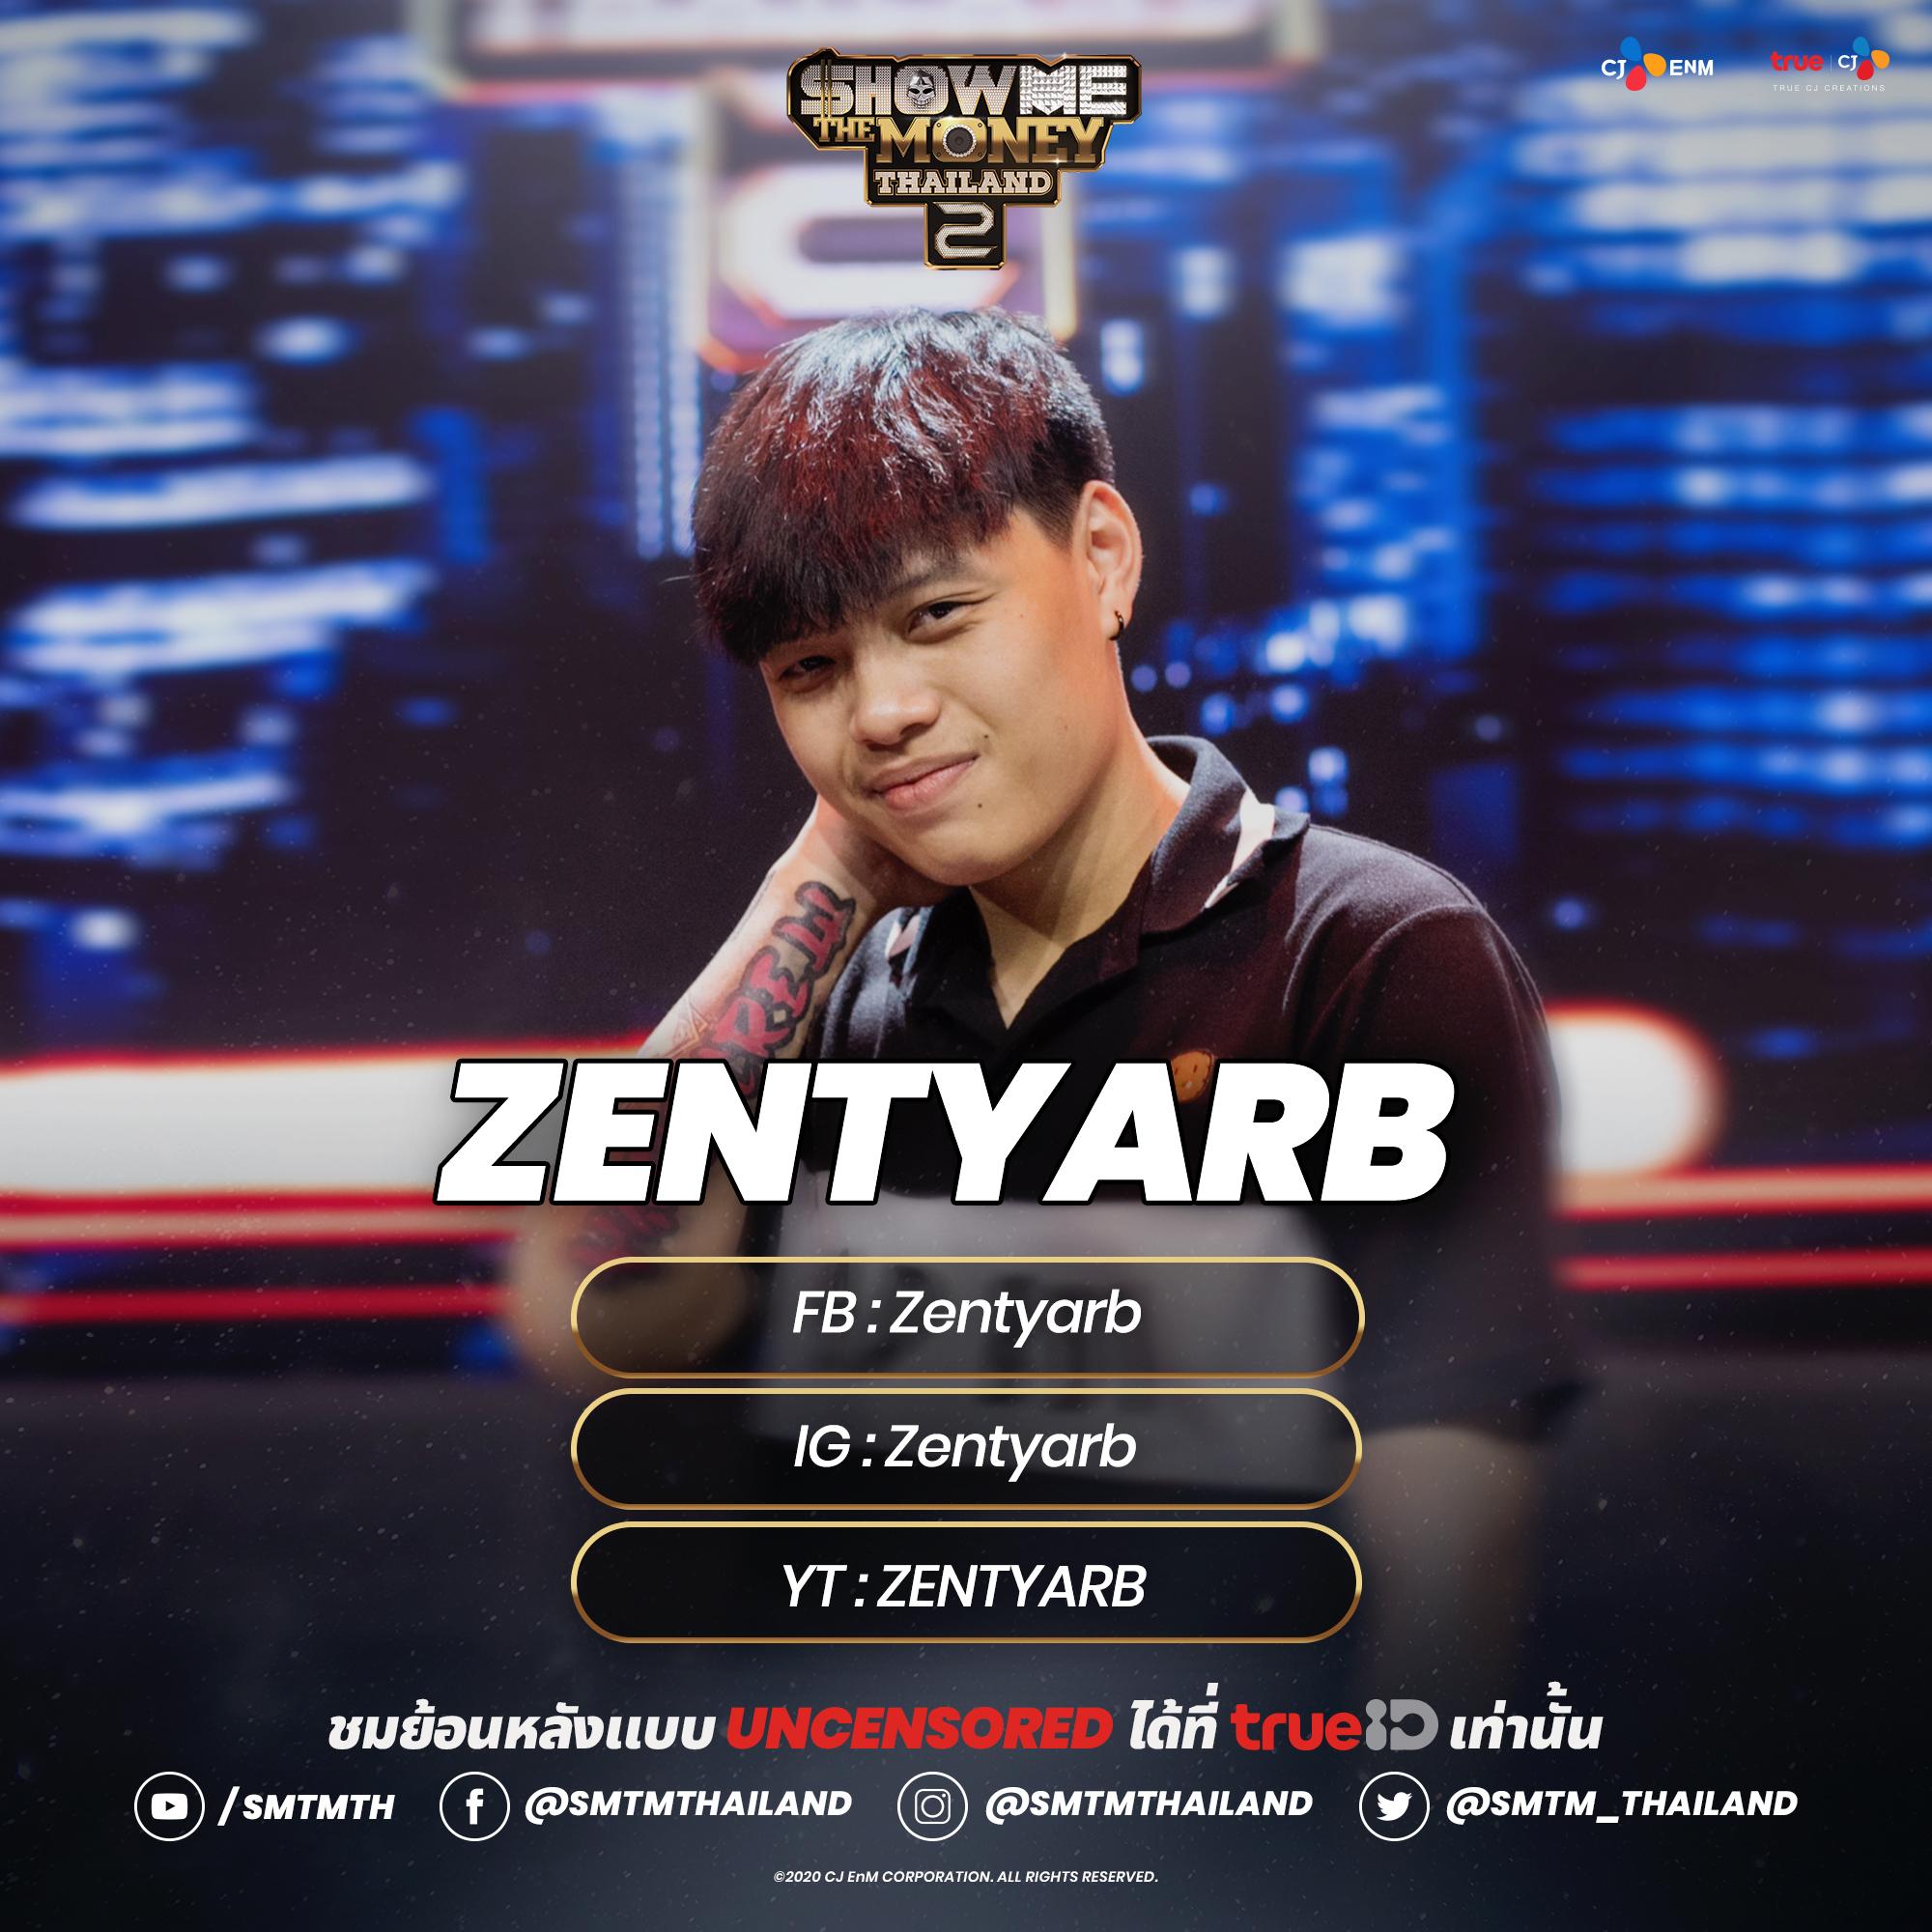 เปิดวาร์ปผู้เข้าแข่งขัน : ZENTYARB